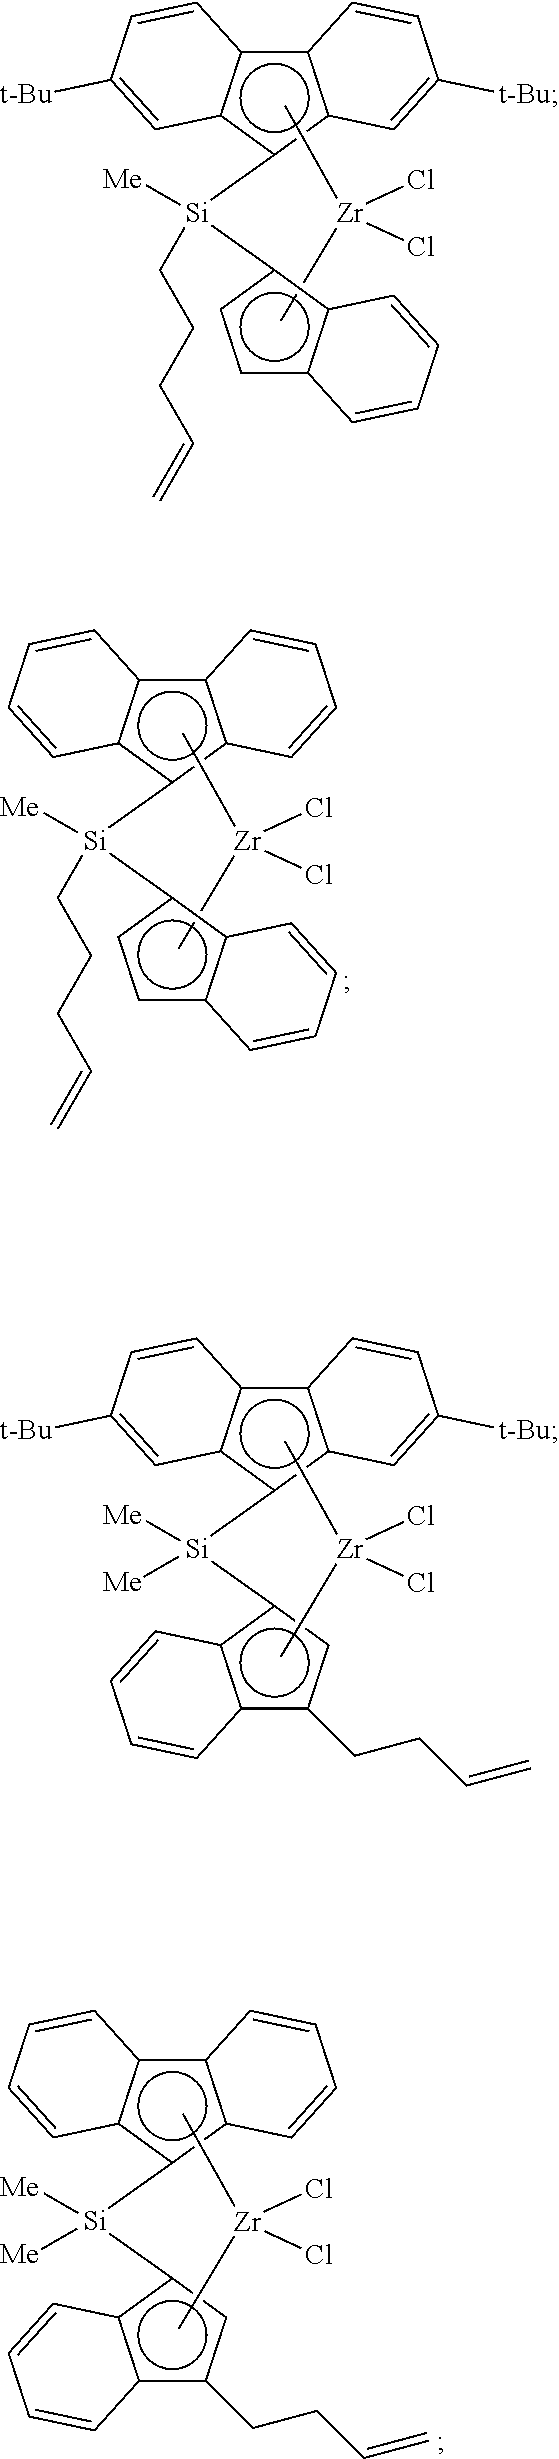 Figure US08748546-20140610-C00026